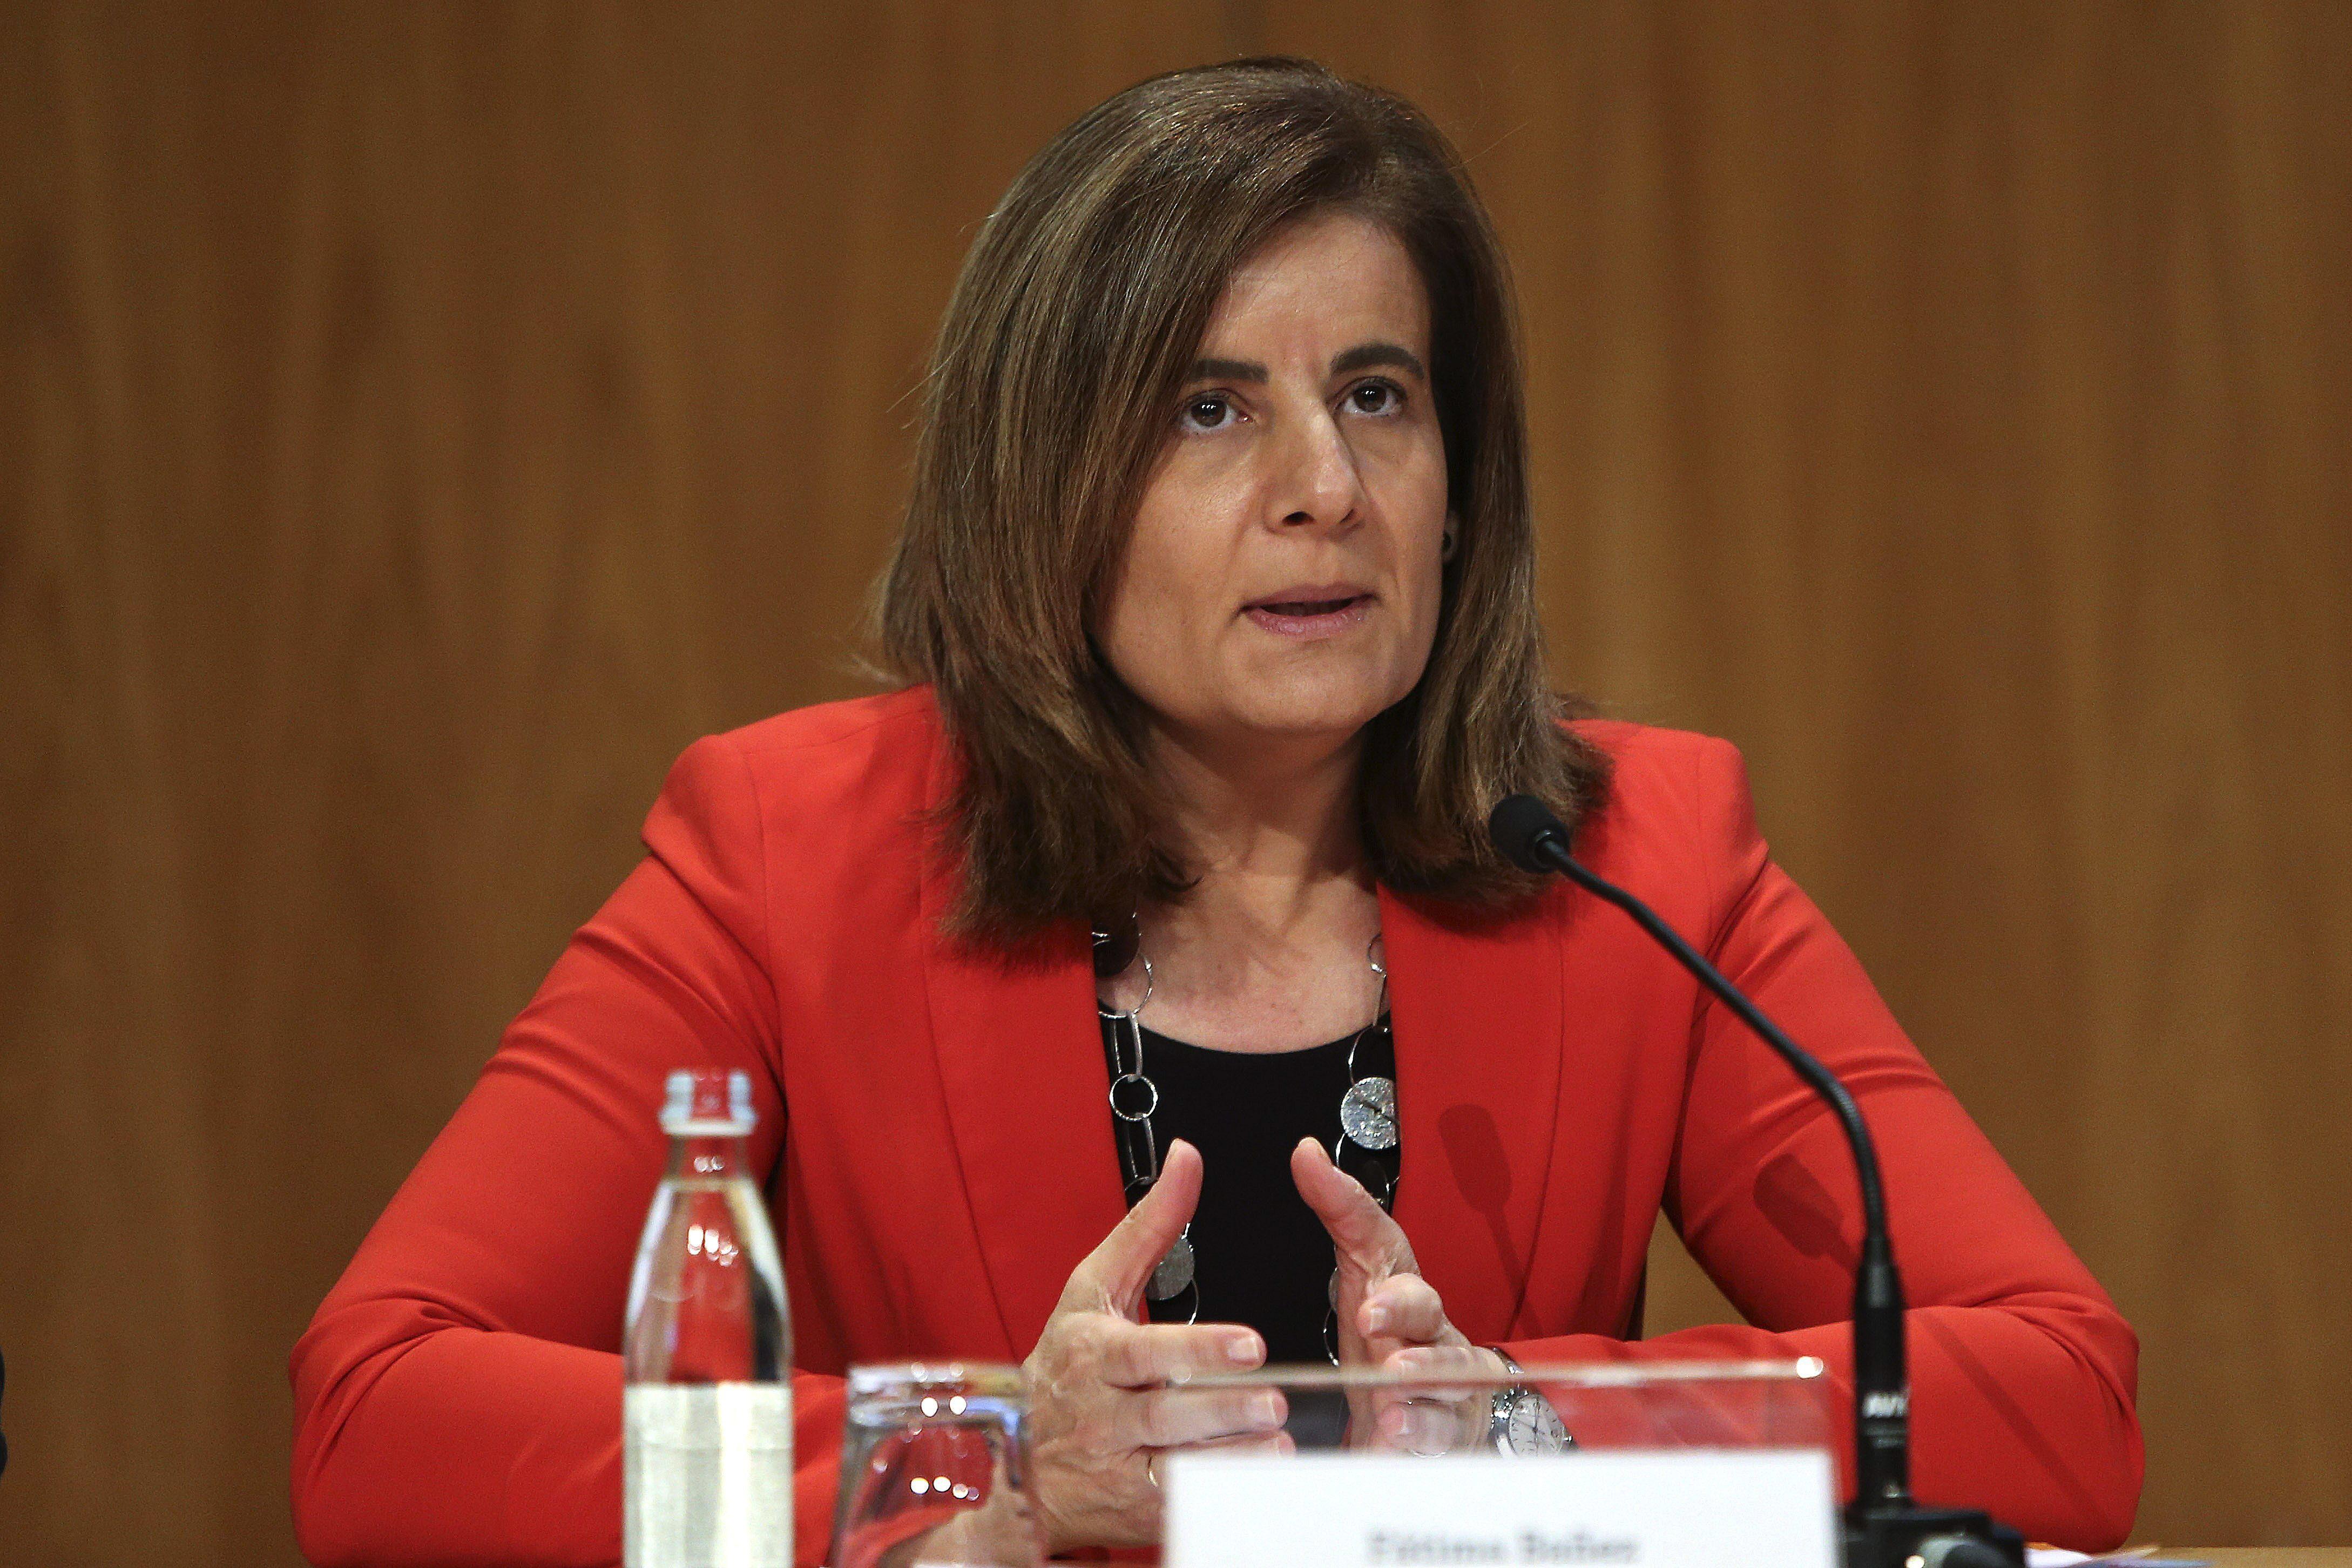 Báñez defiende la economía social como un refugio seguro en tiempos de crisis